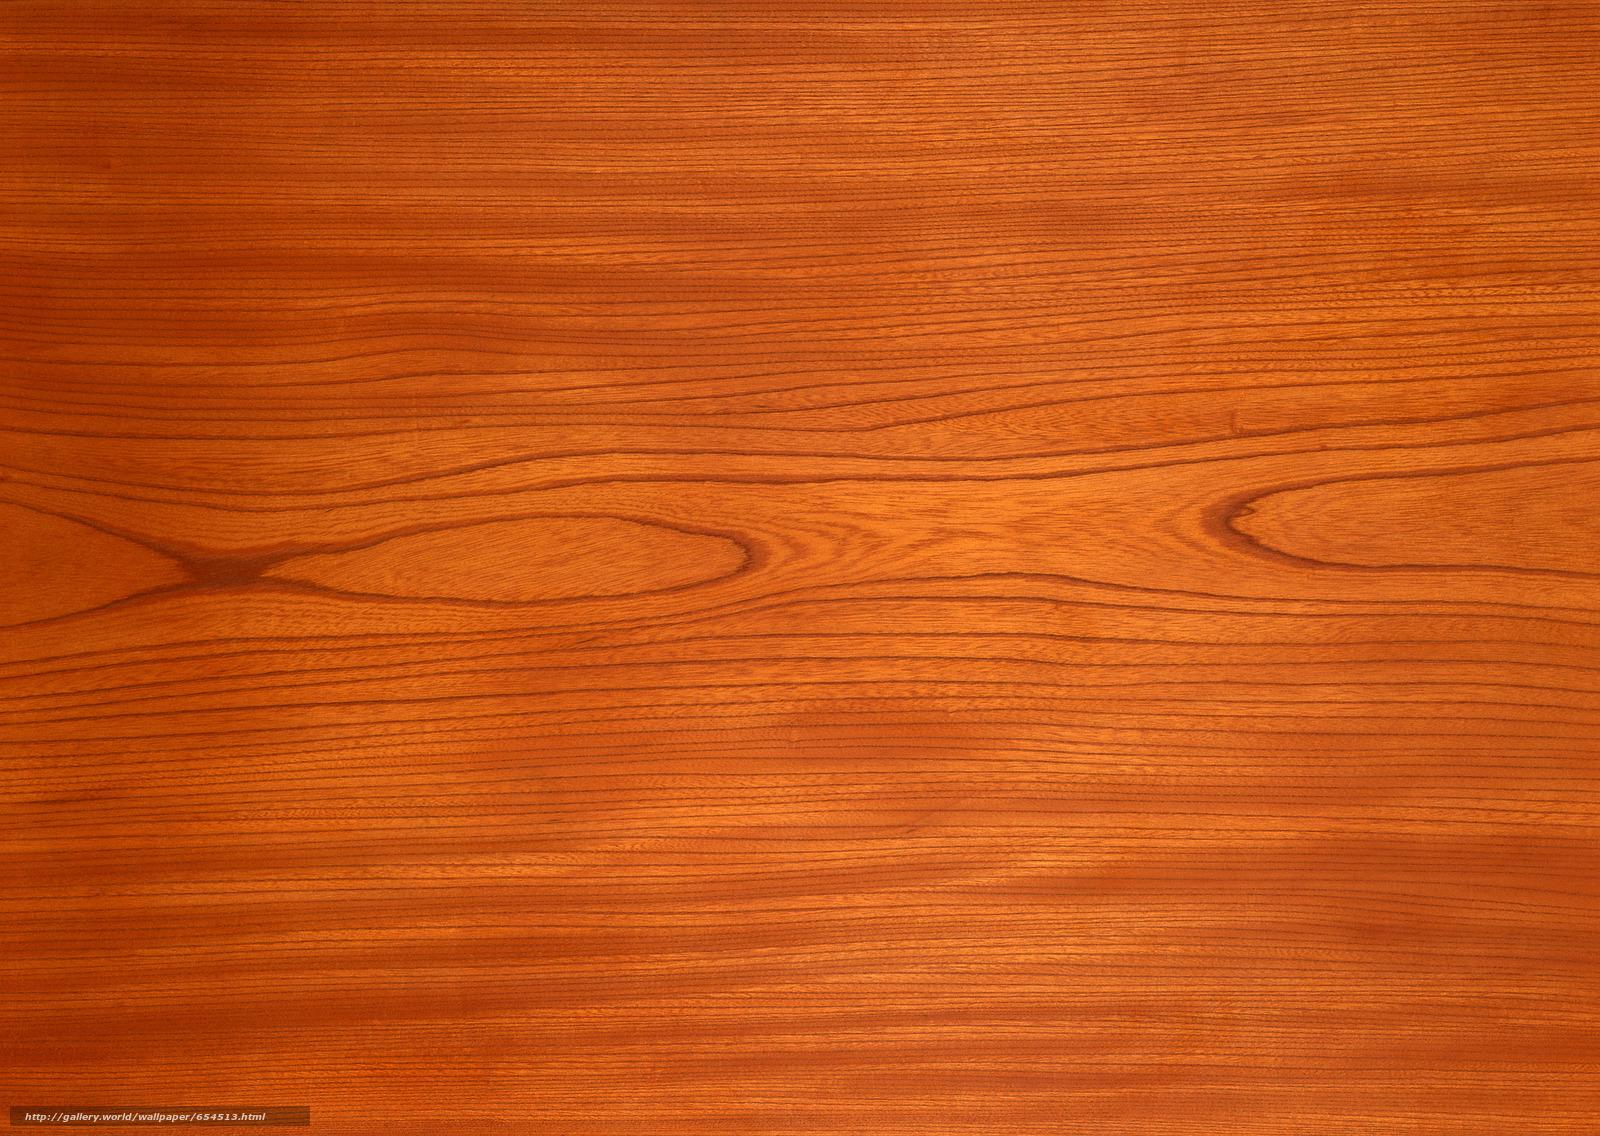 pobra tapety TEXTURE,  Tekstura,  drzewo,  tło Darmowe tapety na pulpit rozdzielczoci 2950x2094 — zdjcie №654513